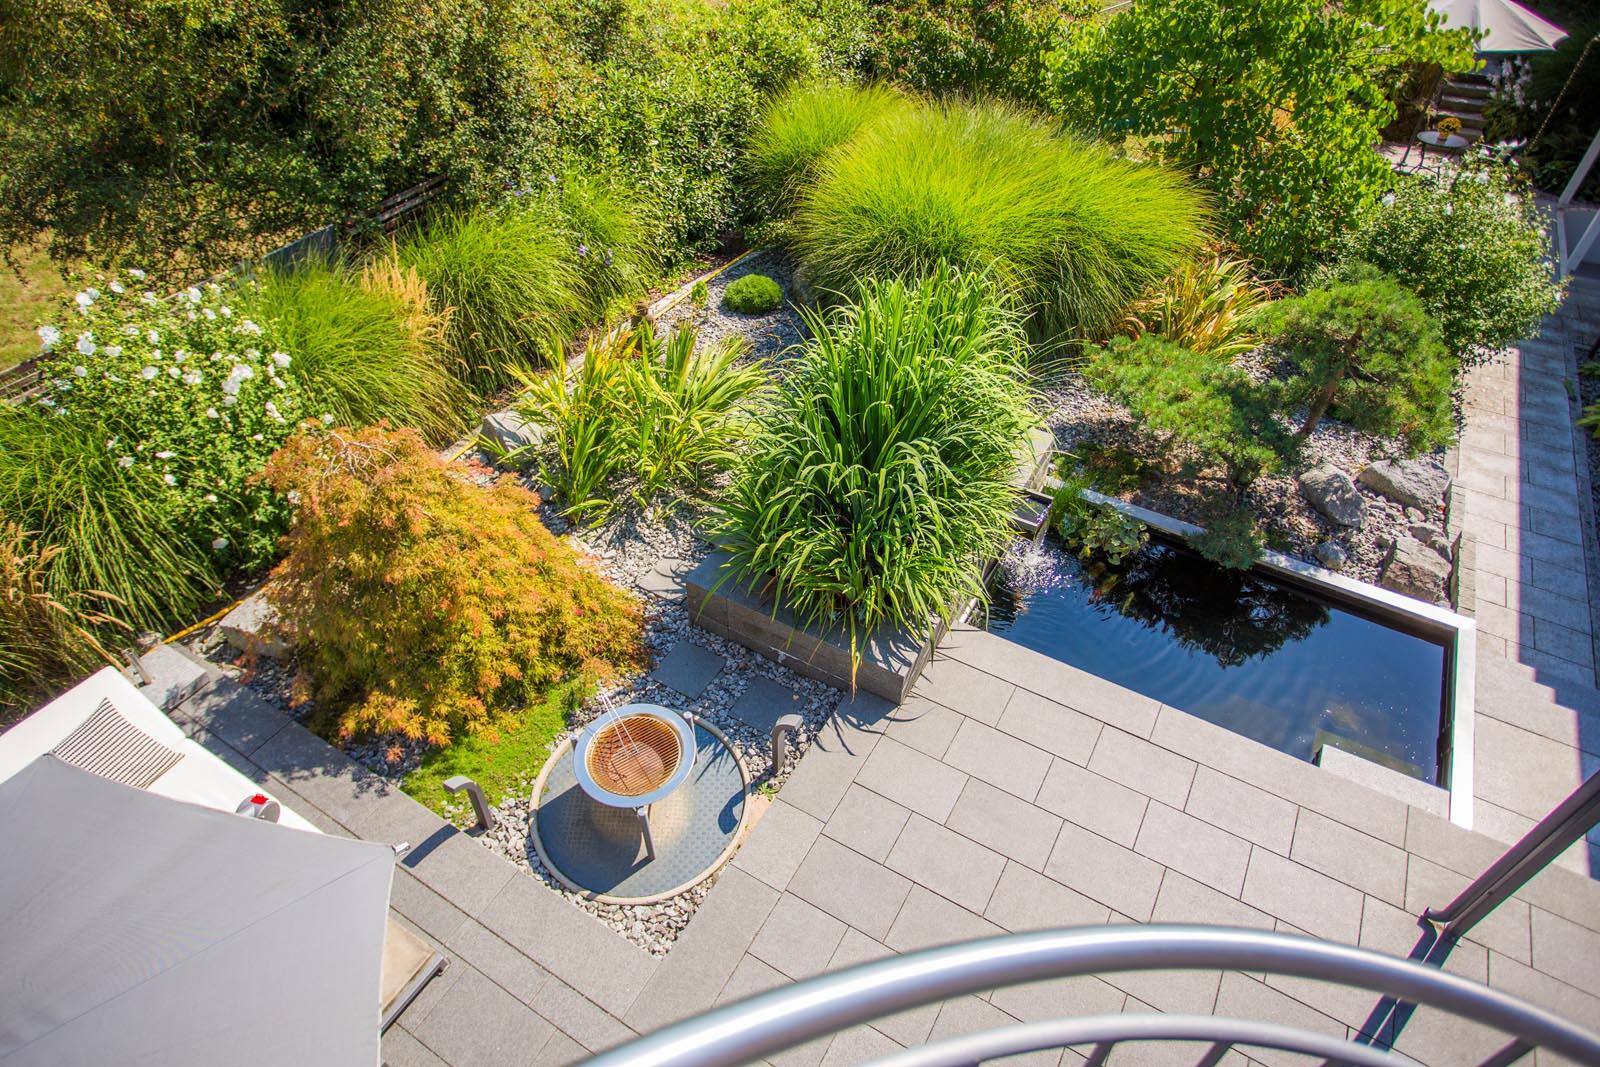 Garten Und Landschaftsbau Mannheim privatgärten weiland grünbau garten und landschaftsbau aus mannheim